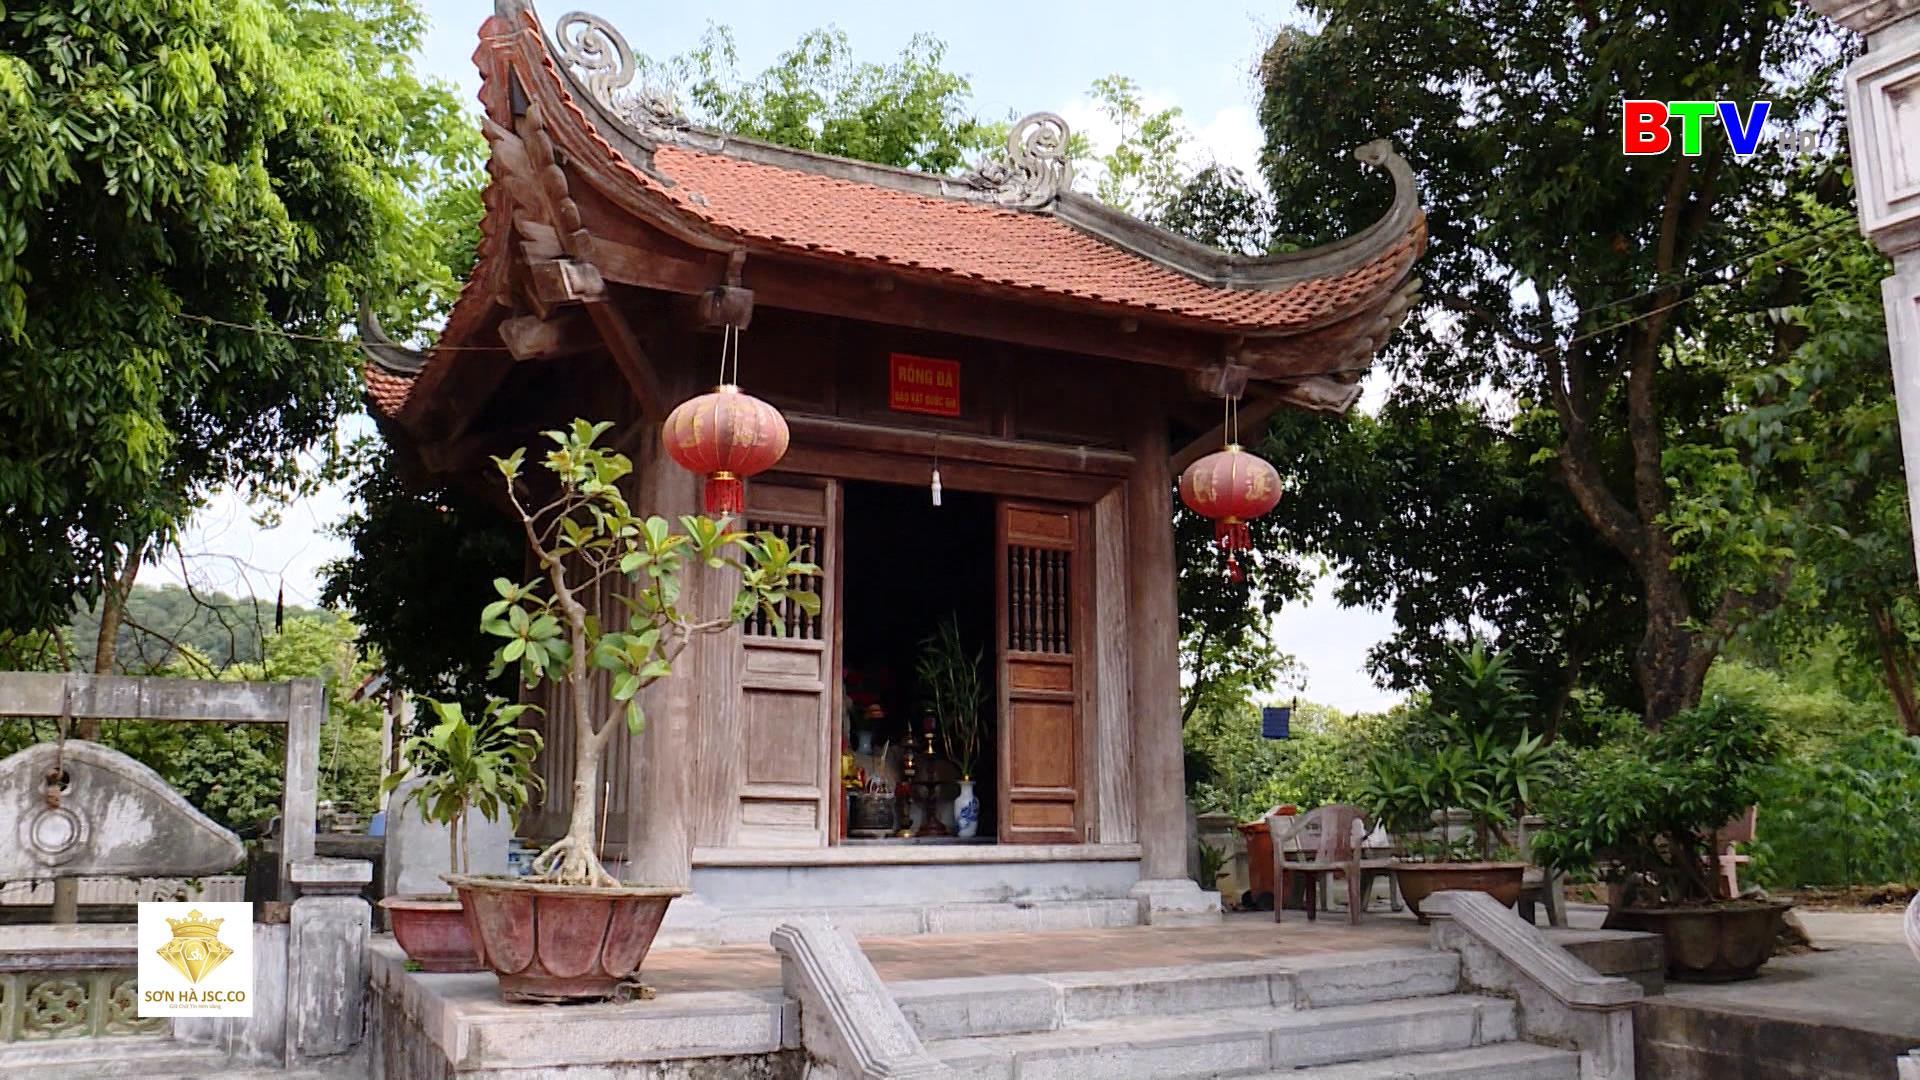 Du lịch Bắc Ninh tiềm năng và thách thức